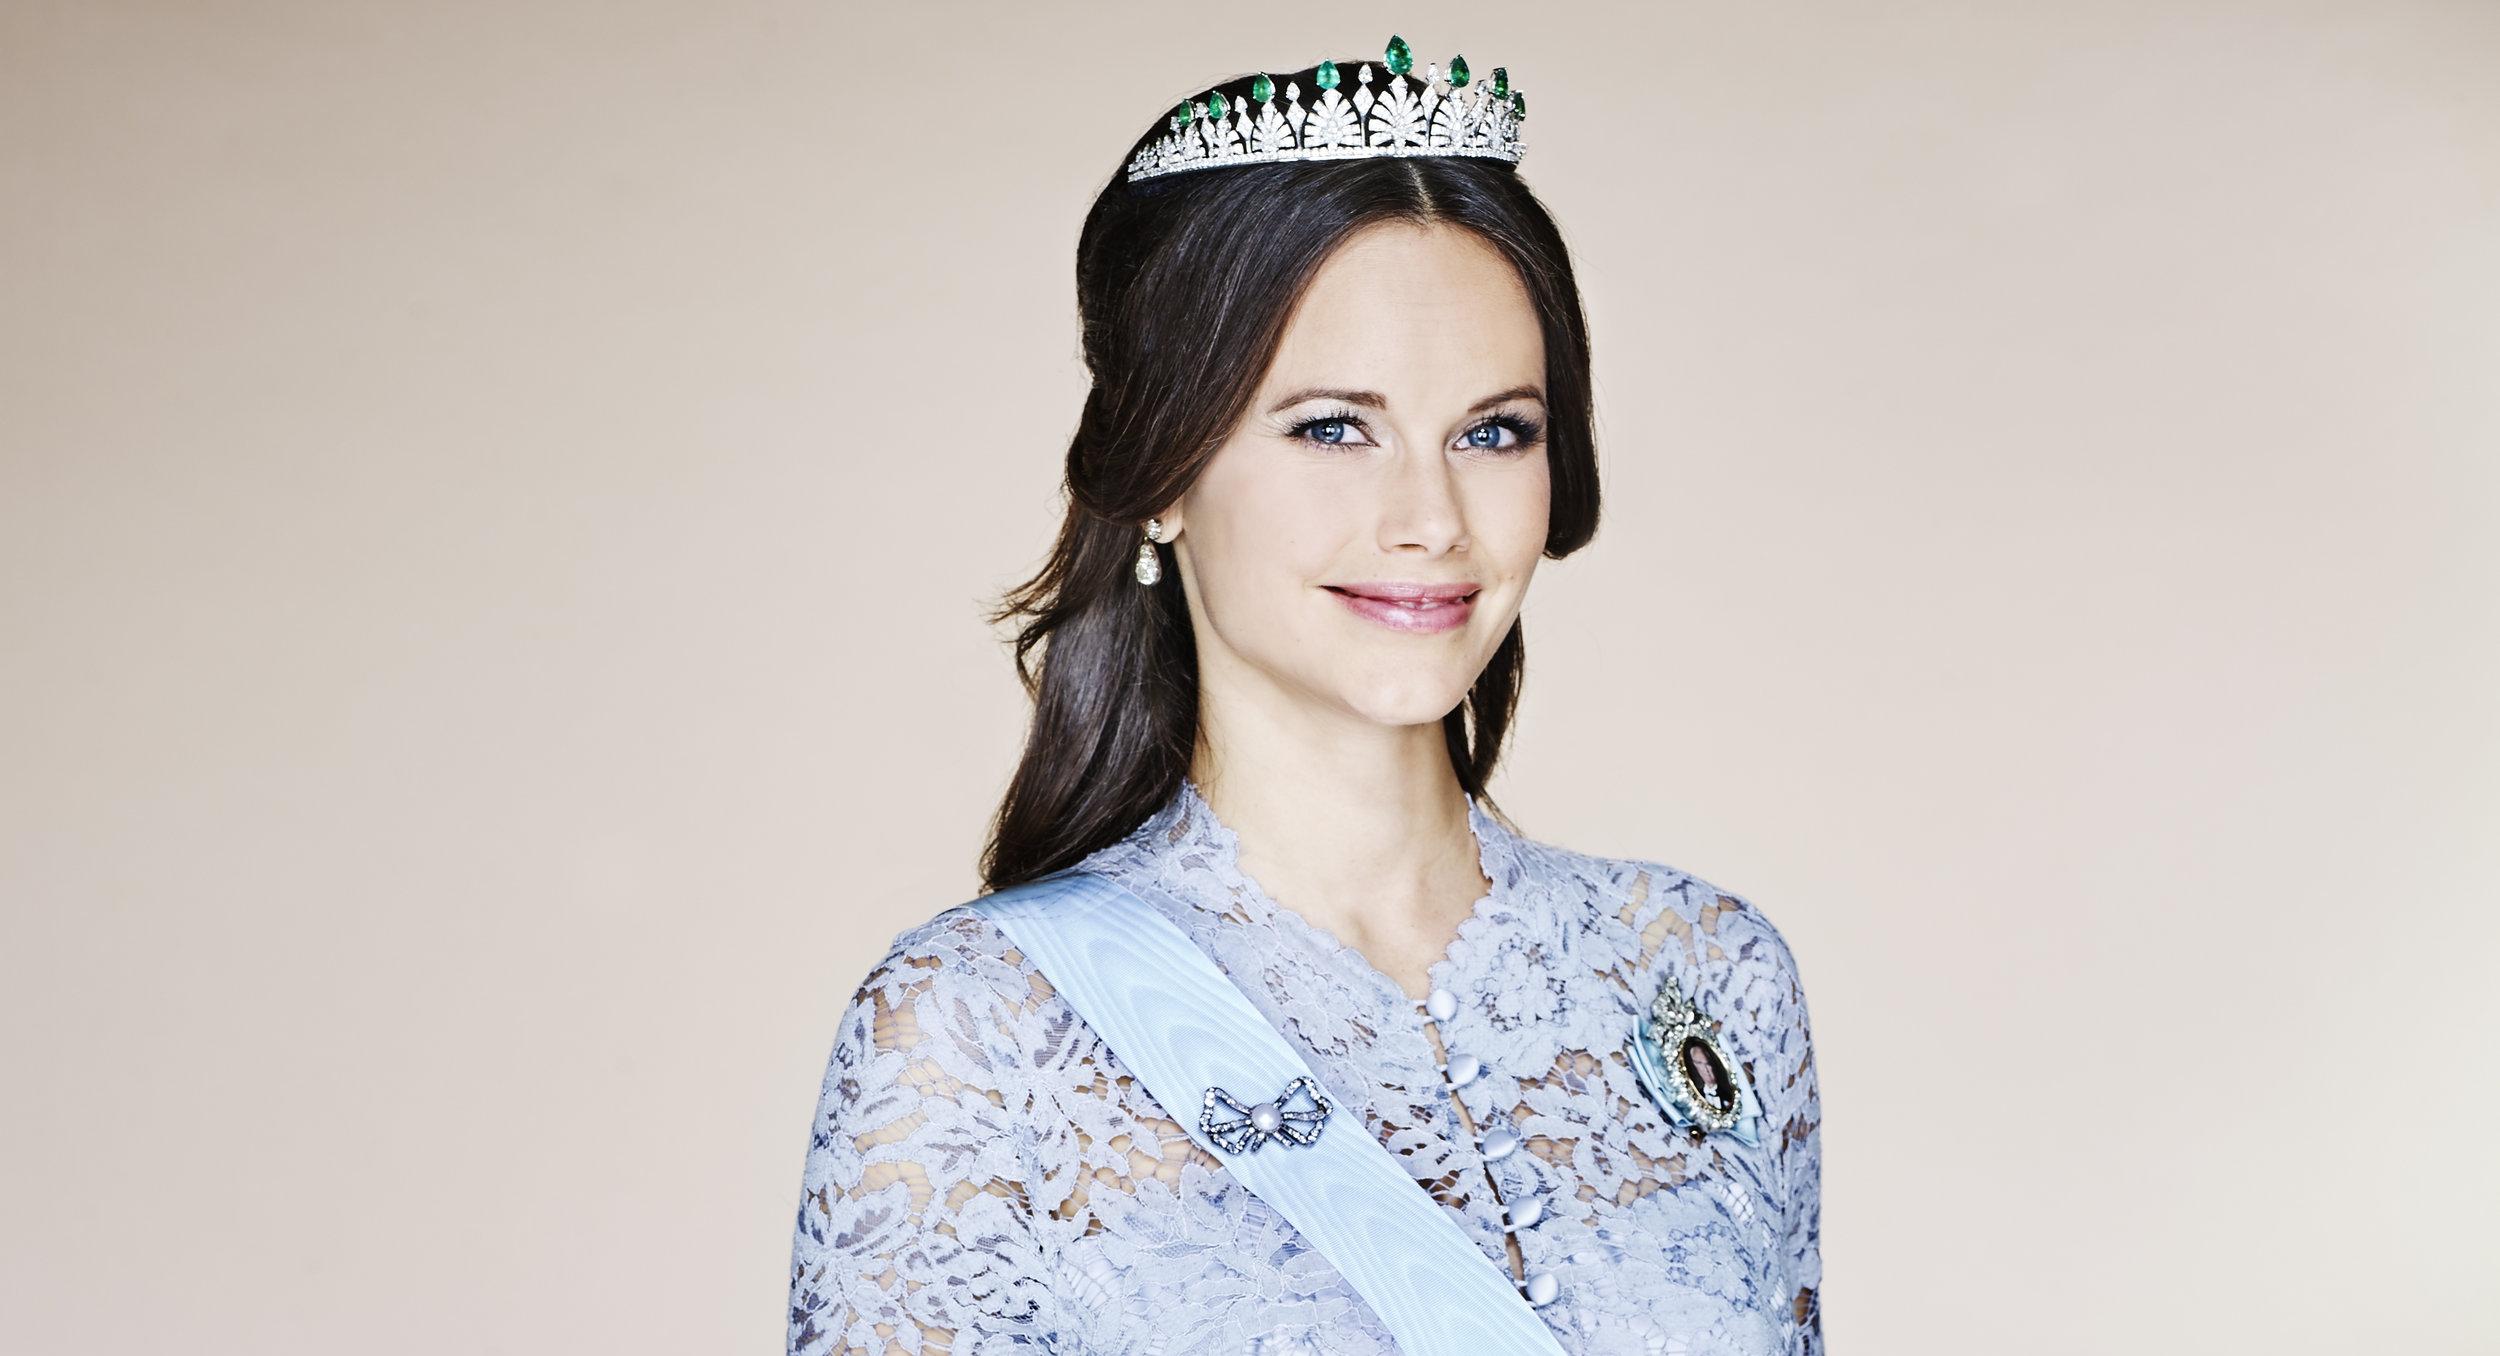 Prinzessin Sofia bekam diese Tiara von ihren Schwiegereltern zur Hochzeit.  Foto: Anna-Lena Ahlström kungahuset.se